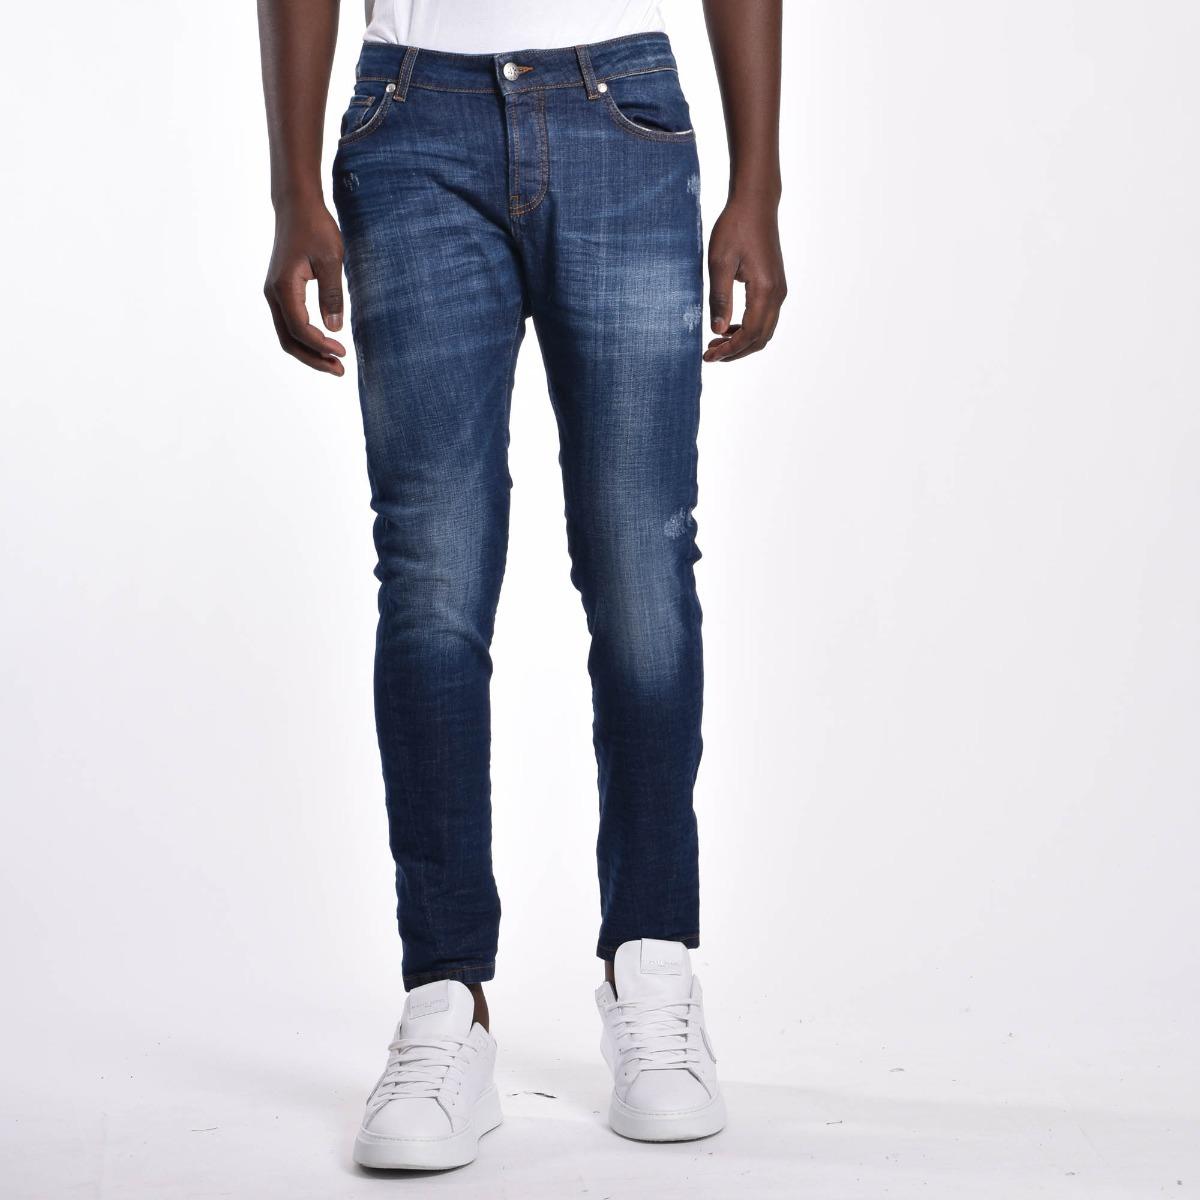 Jeans tought striscia logo - Denim scuro